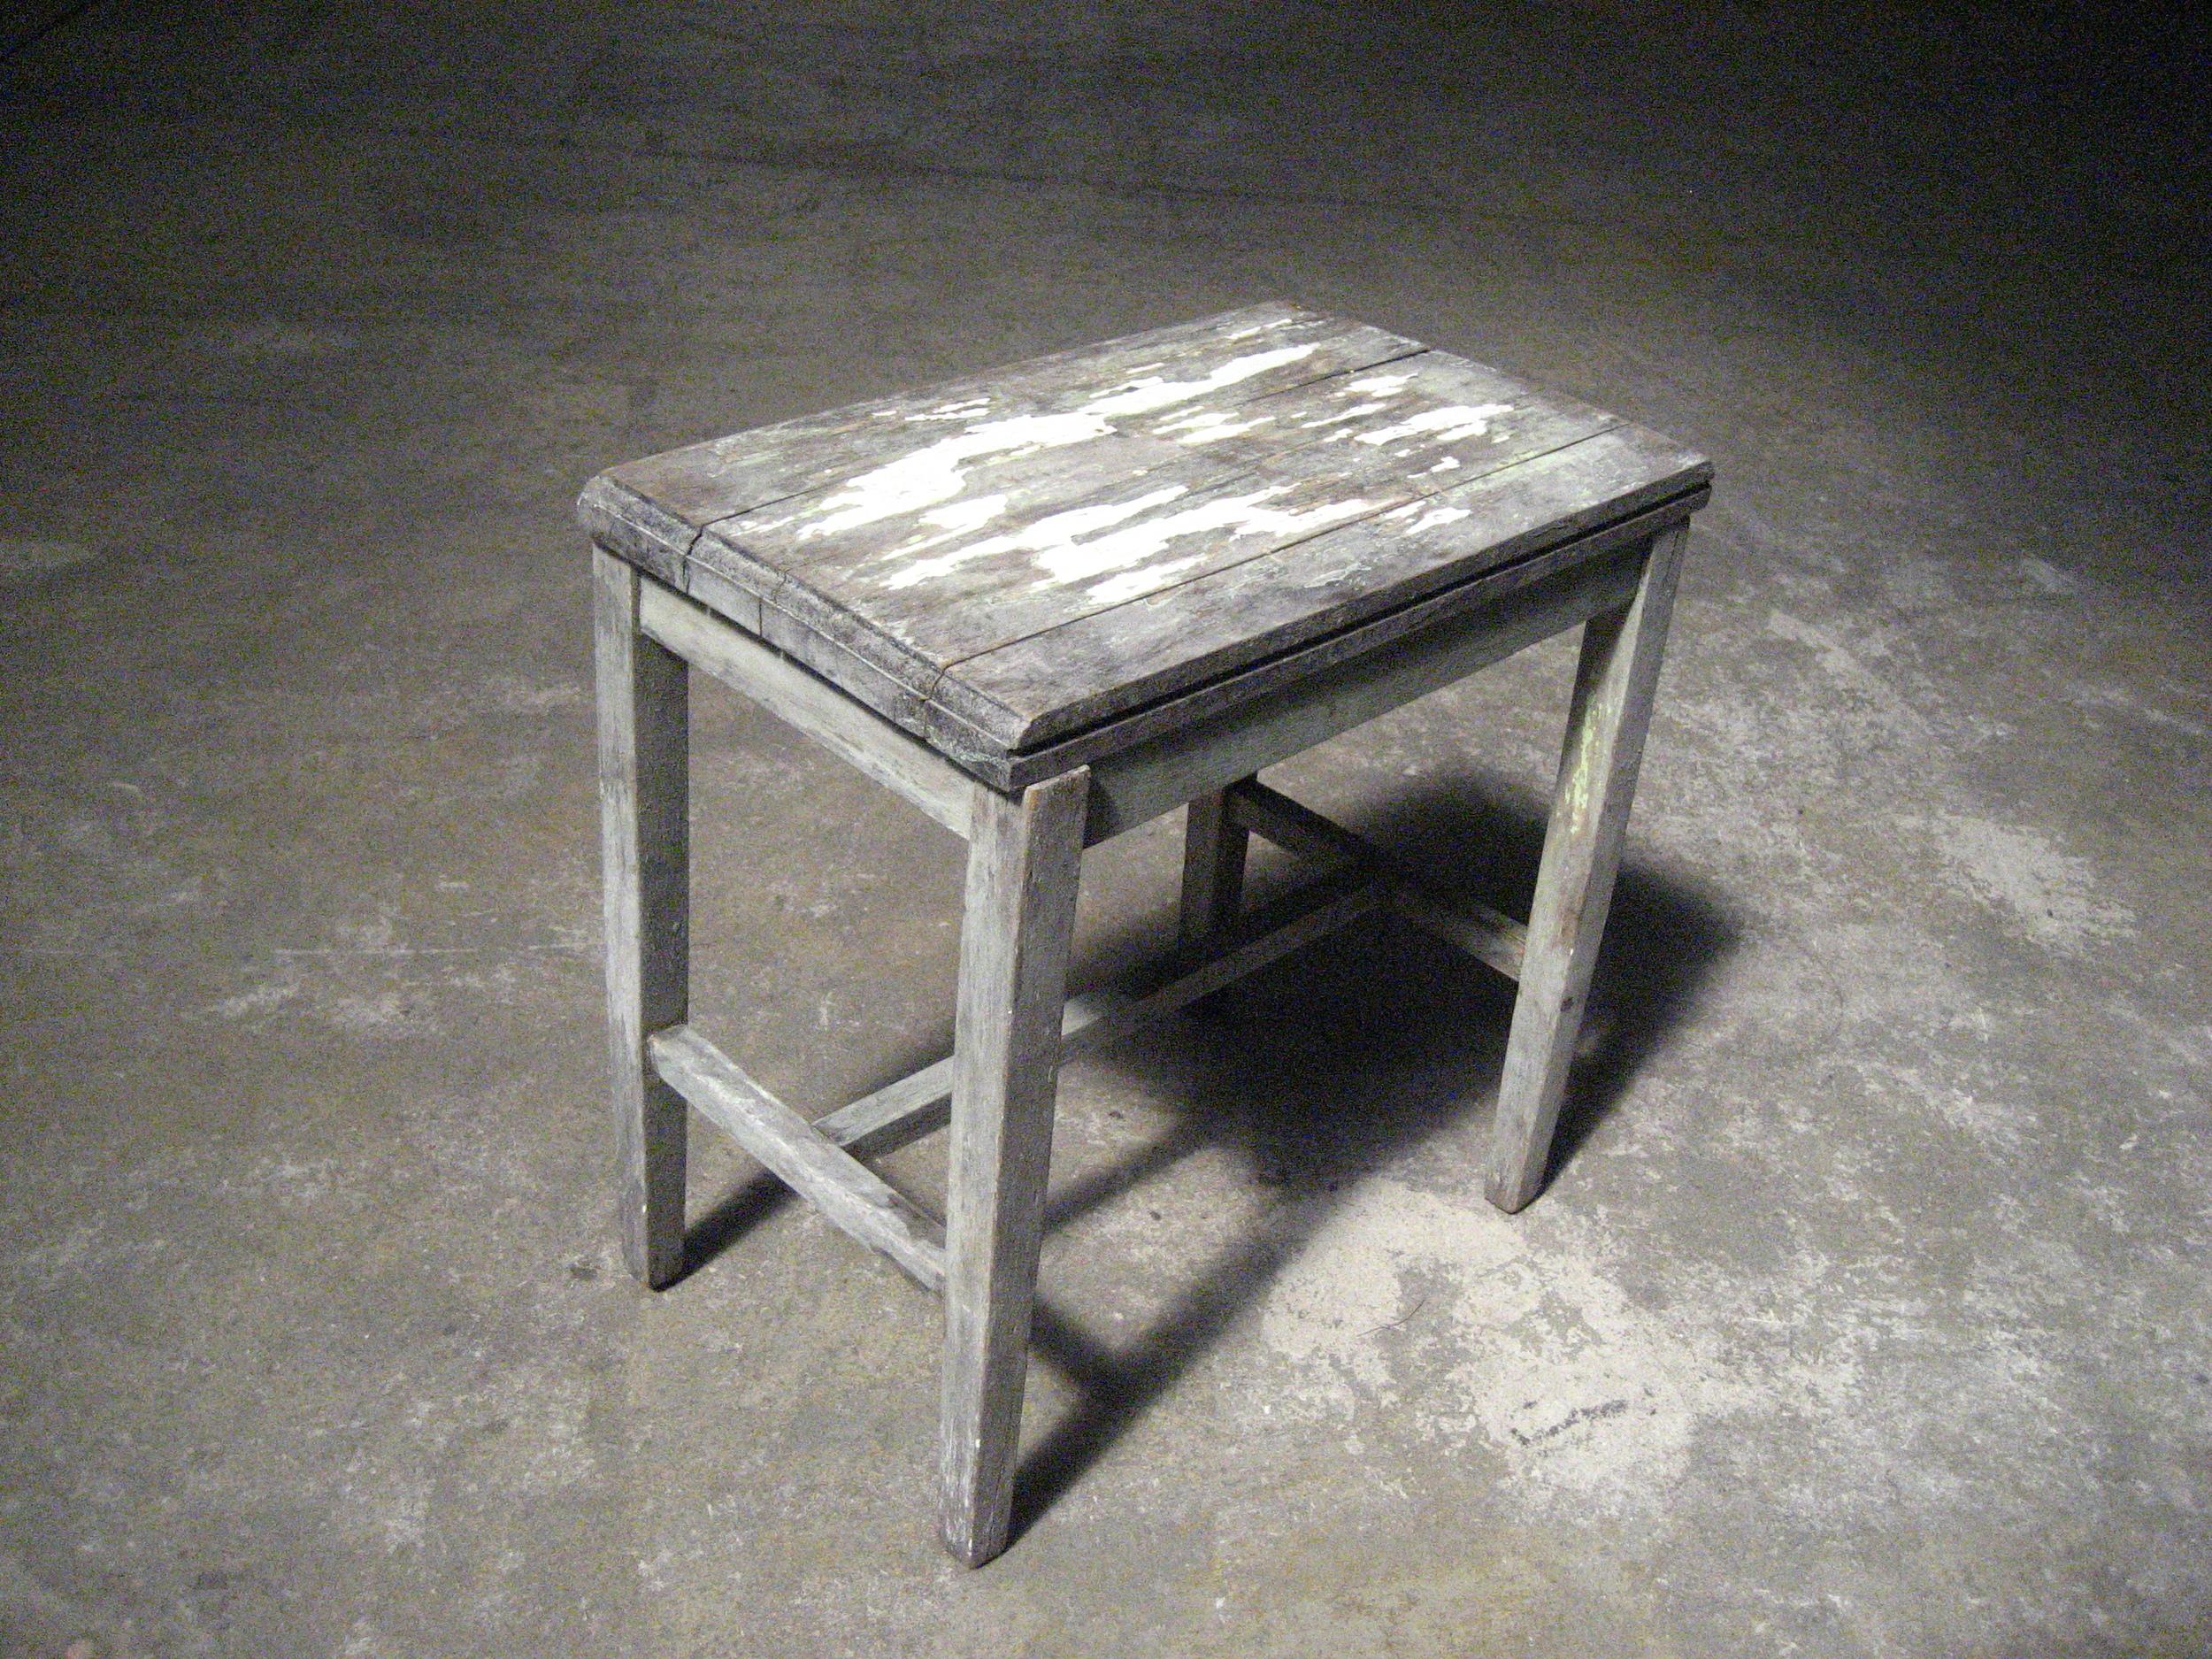 Teeny Grey Side Table $20